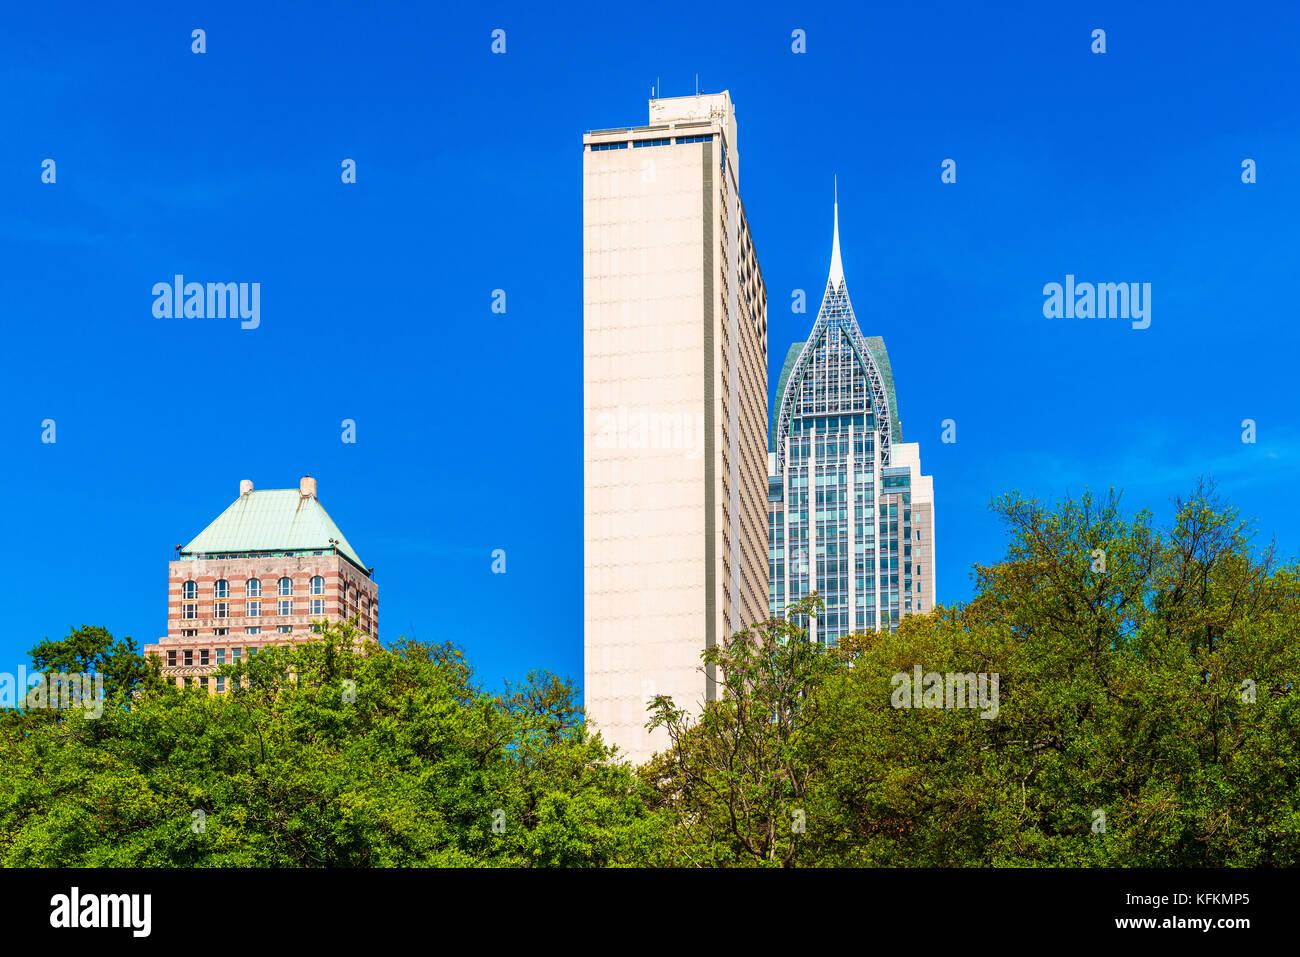 Bâtiments de grande hauteur dans le quartier du centre-ville de Mobile, Alabama, États-Unis Banque D'Images